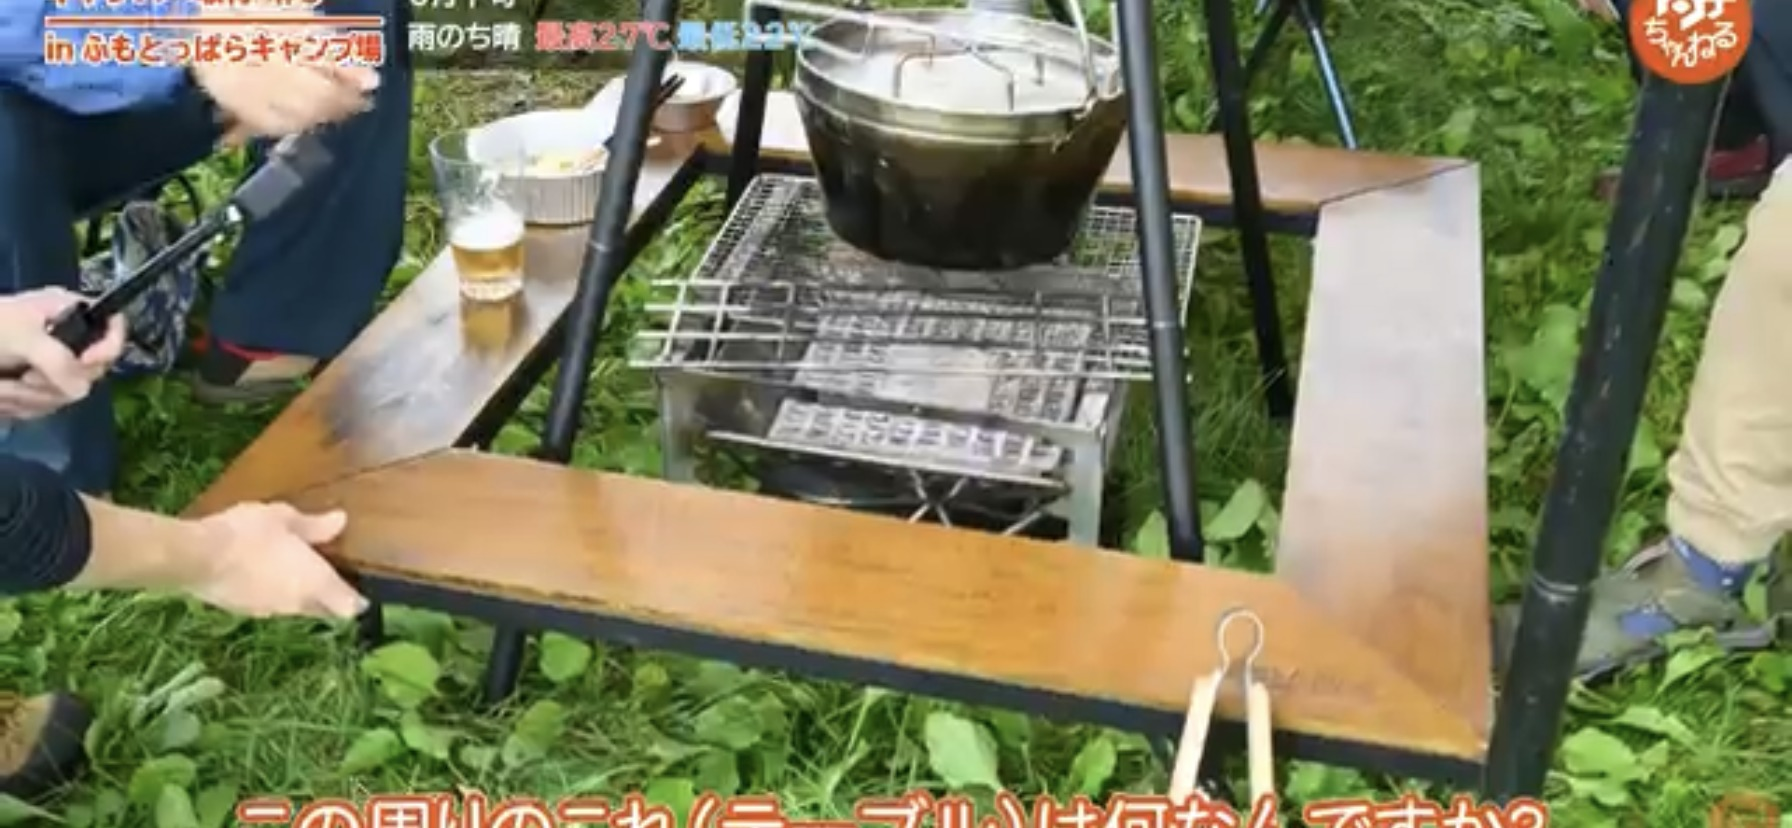 テーブル:【LOGOS(ロゴス)】 アイアンウッド 囲炉裏テーブル